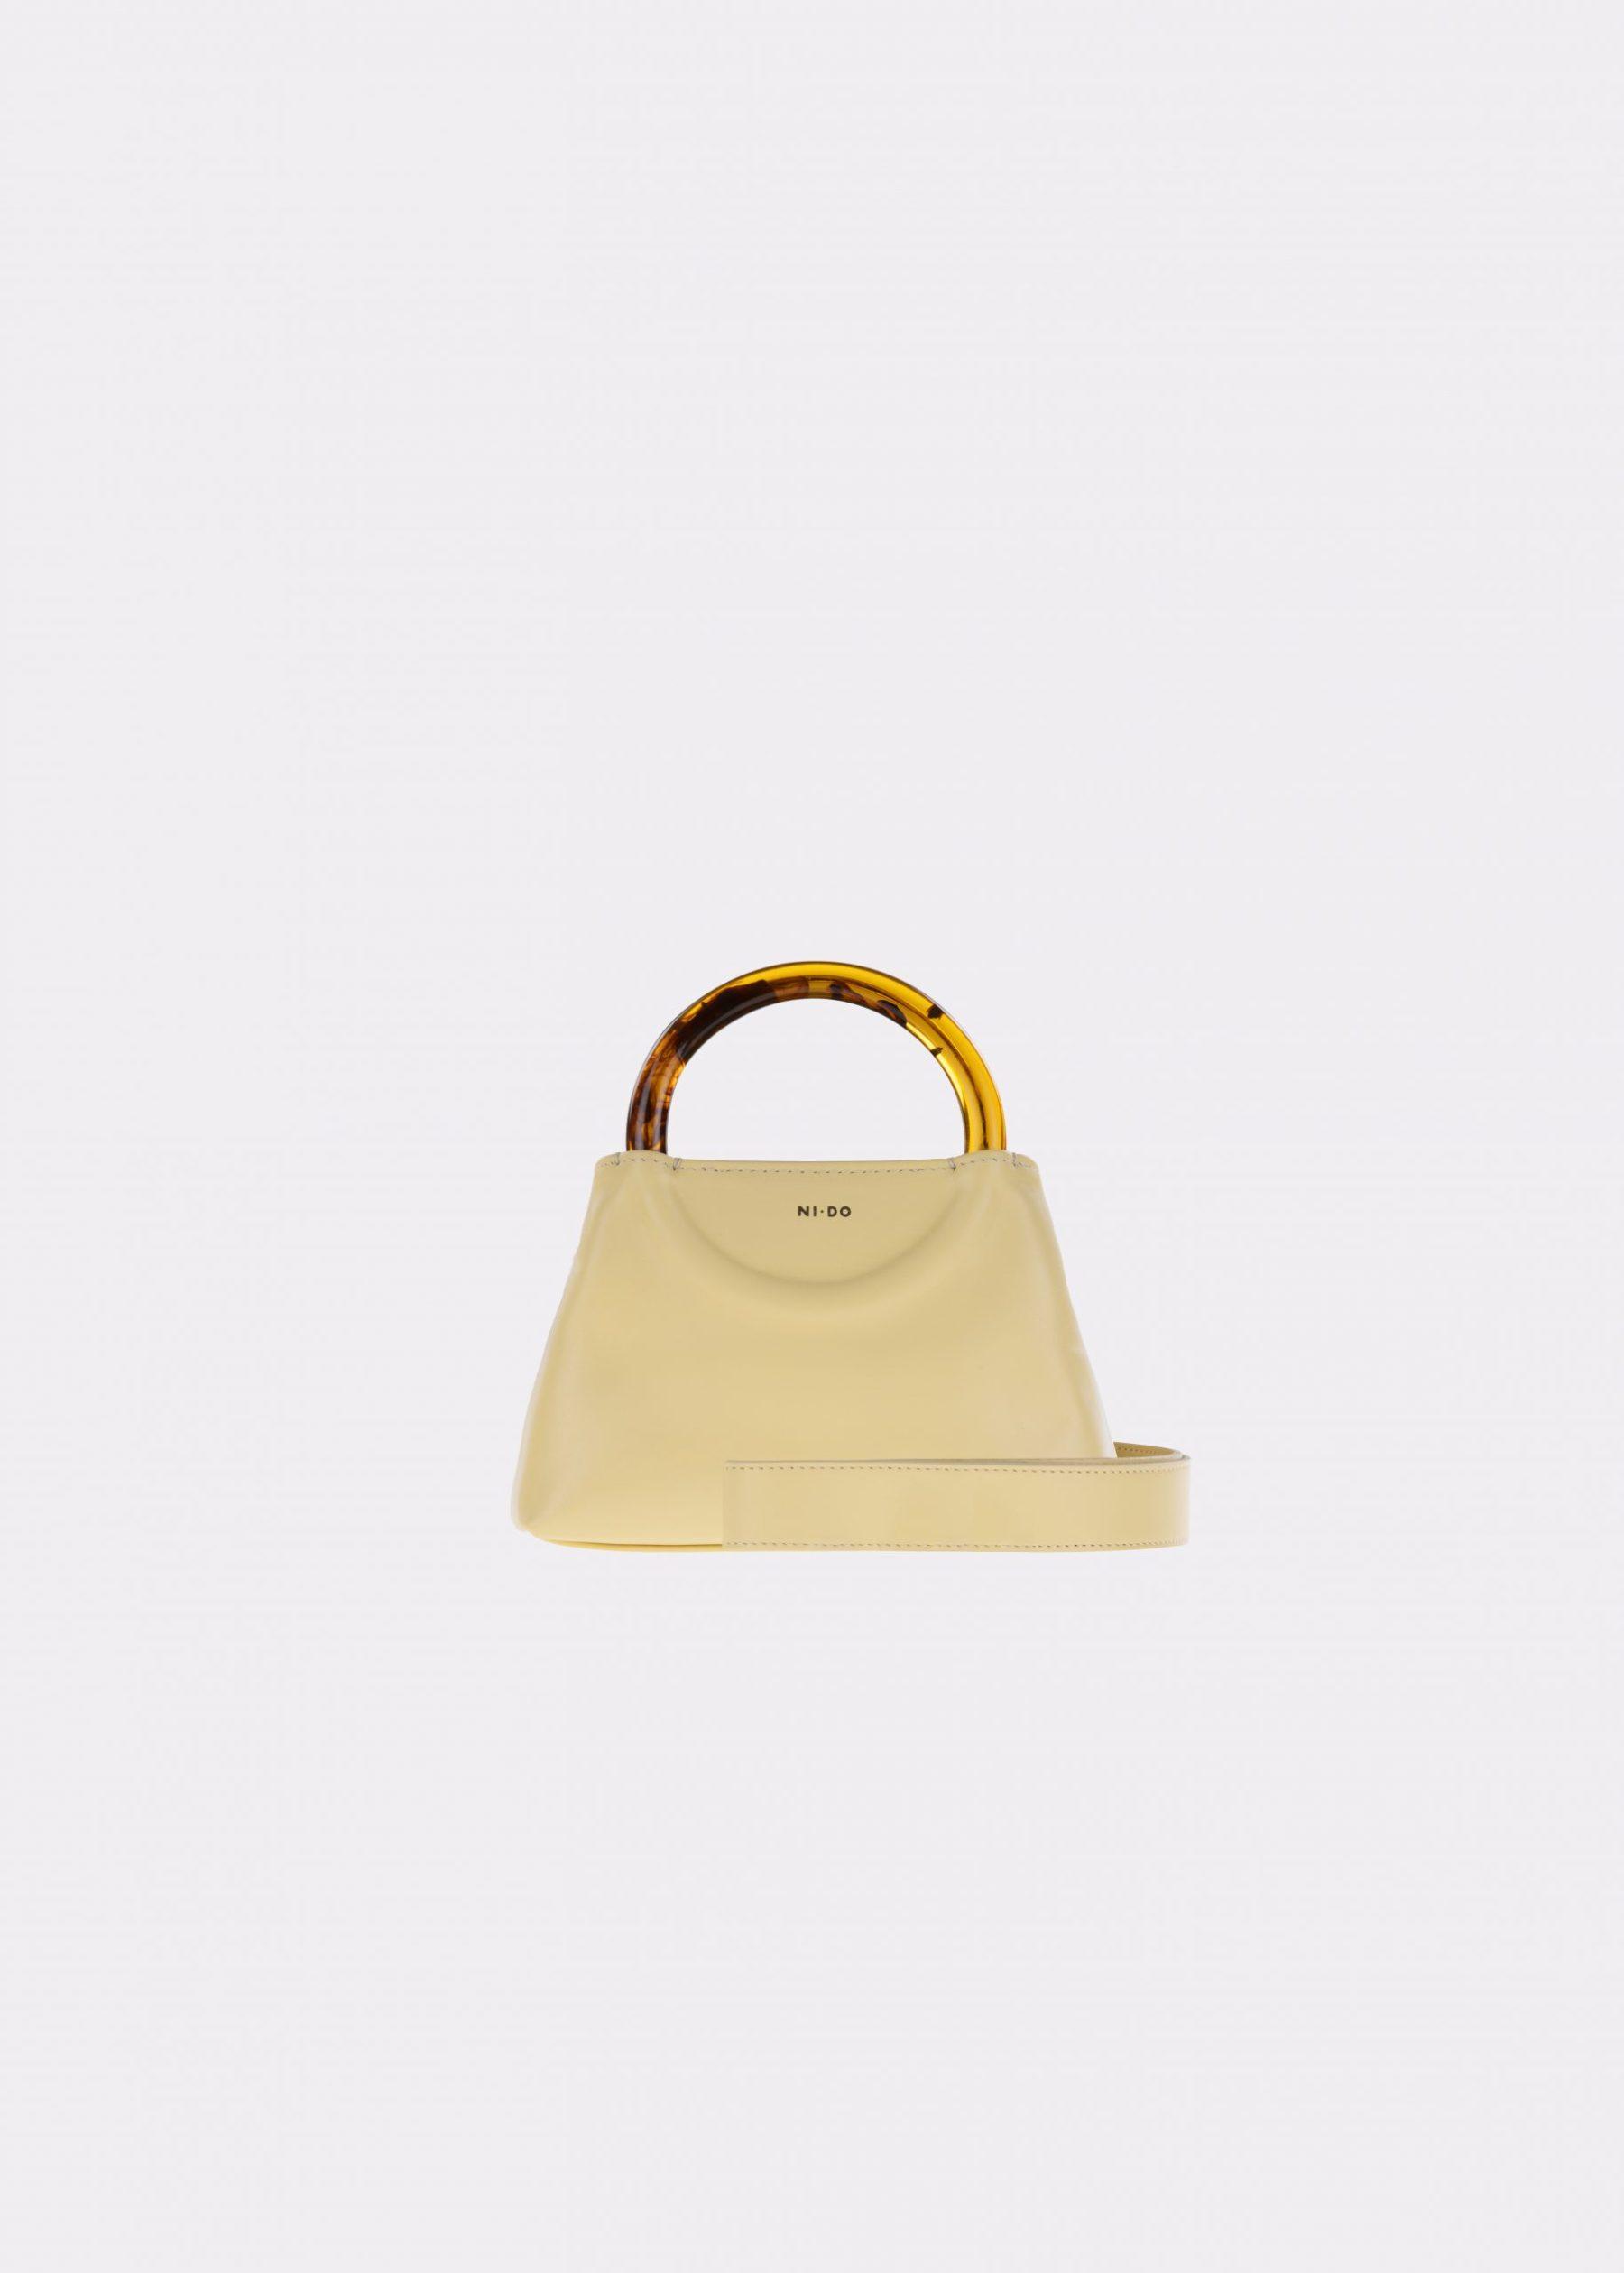 NIDO-Bolla_Micro-bag-lemontart-Amber_shoulderstrap view